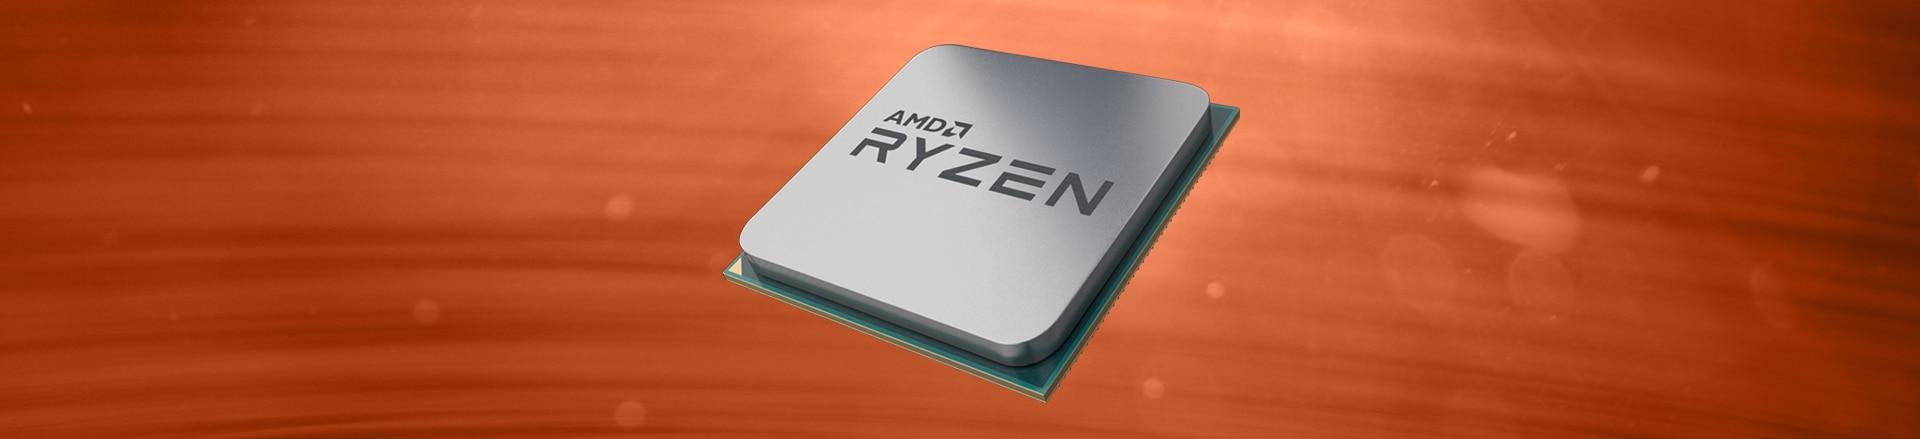 AMD Ryzen™ 5 3600 Processor, 3 6GHz w/ 35MB Cache - AMD AM4 CPUs